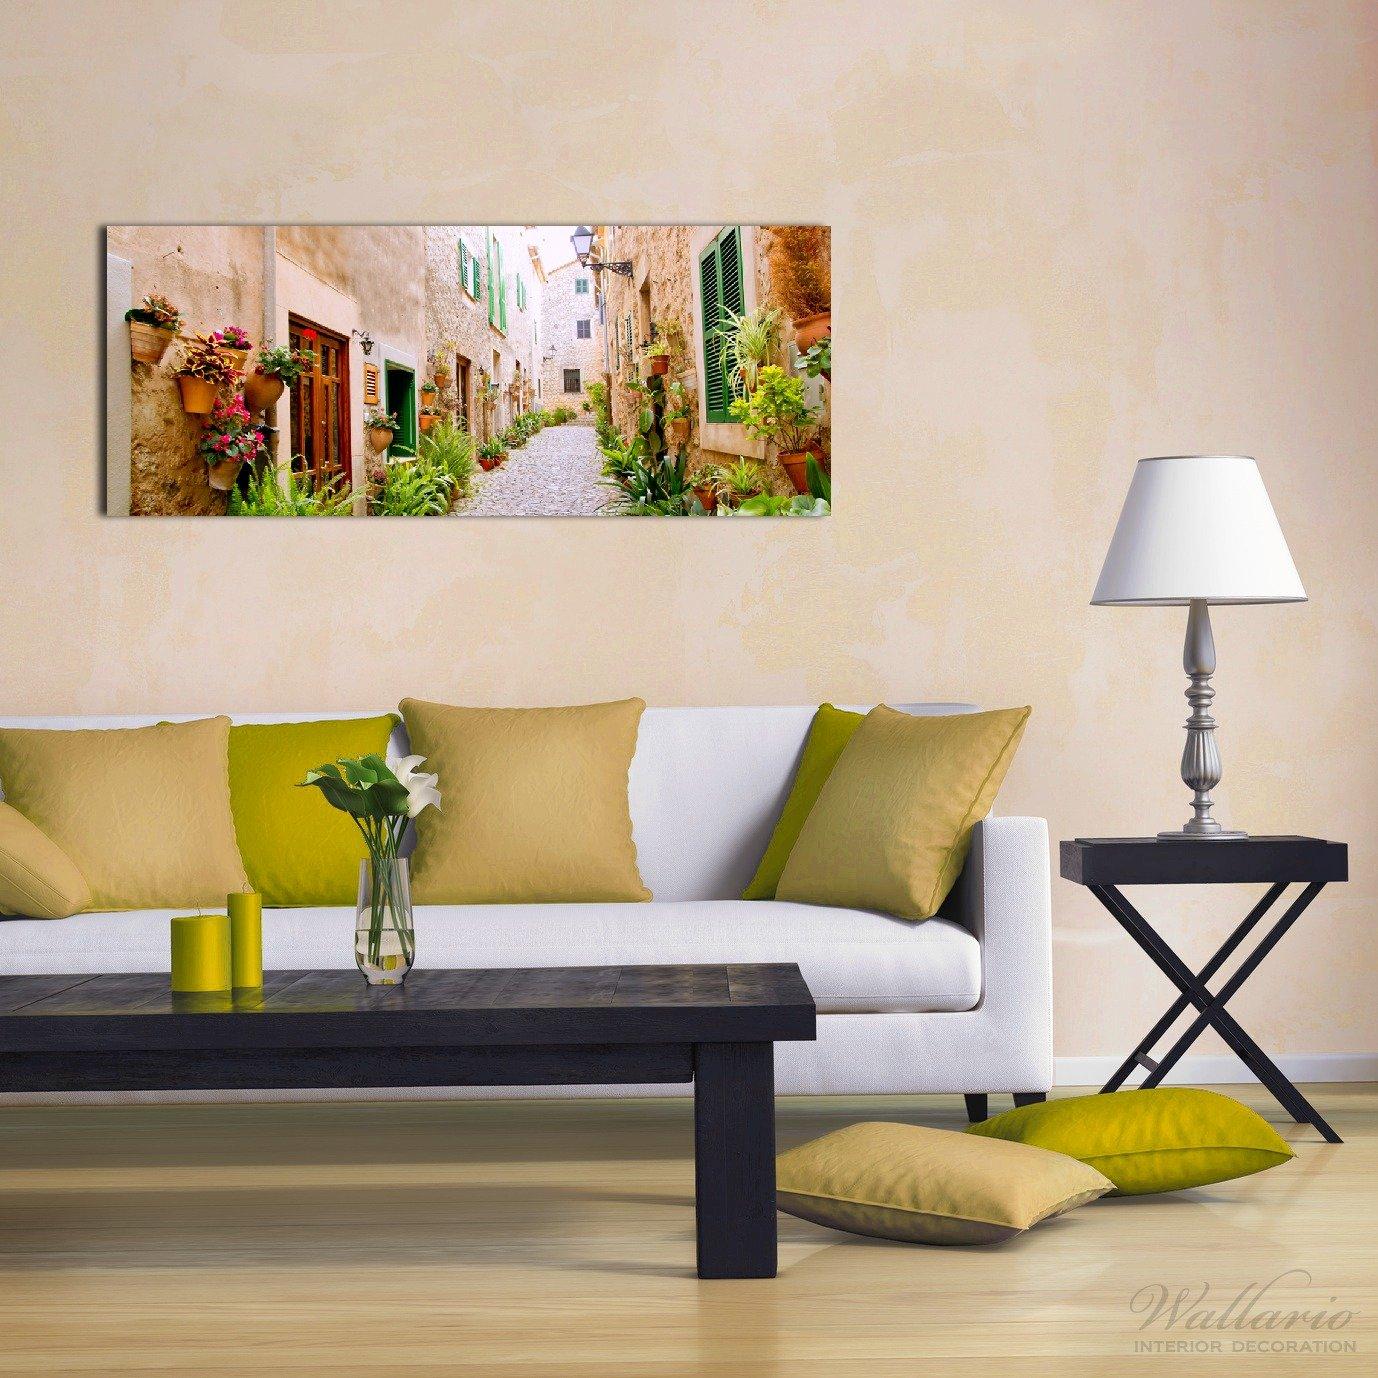 Wallario Wallario Wallario Wand-Bild 70 x 100 cm   Motiv  Südländische Gasse mit alten Häusern und grüner Oase   Direktdruck auf 5mm starke Hartschaumplatte   leichtes Material   günstig d62845